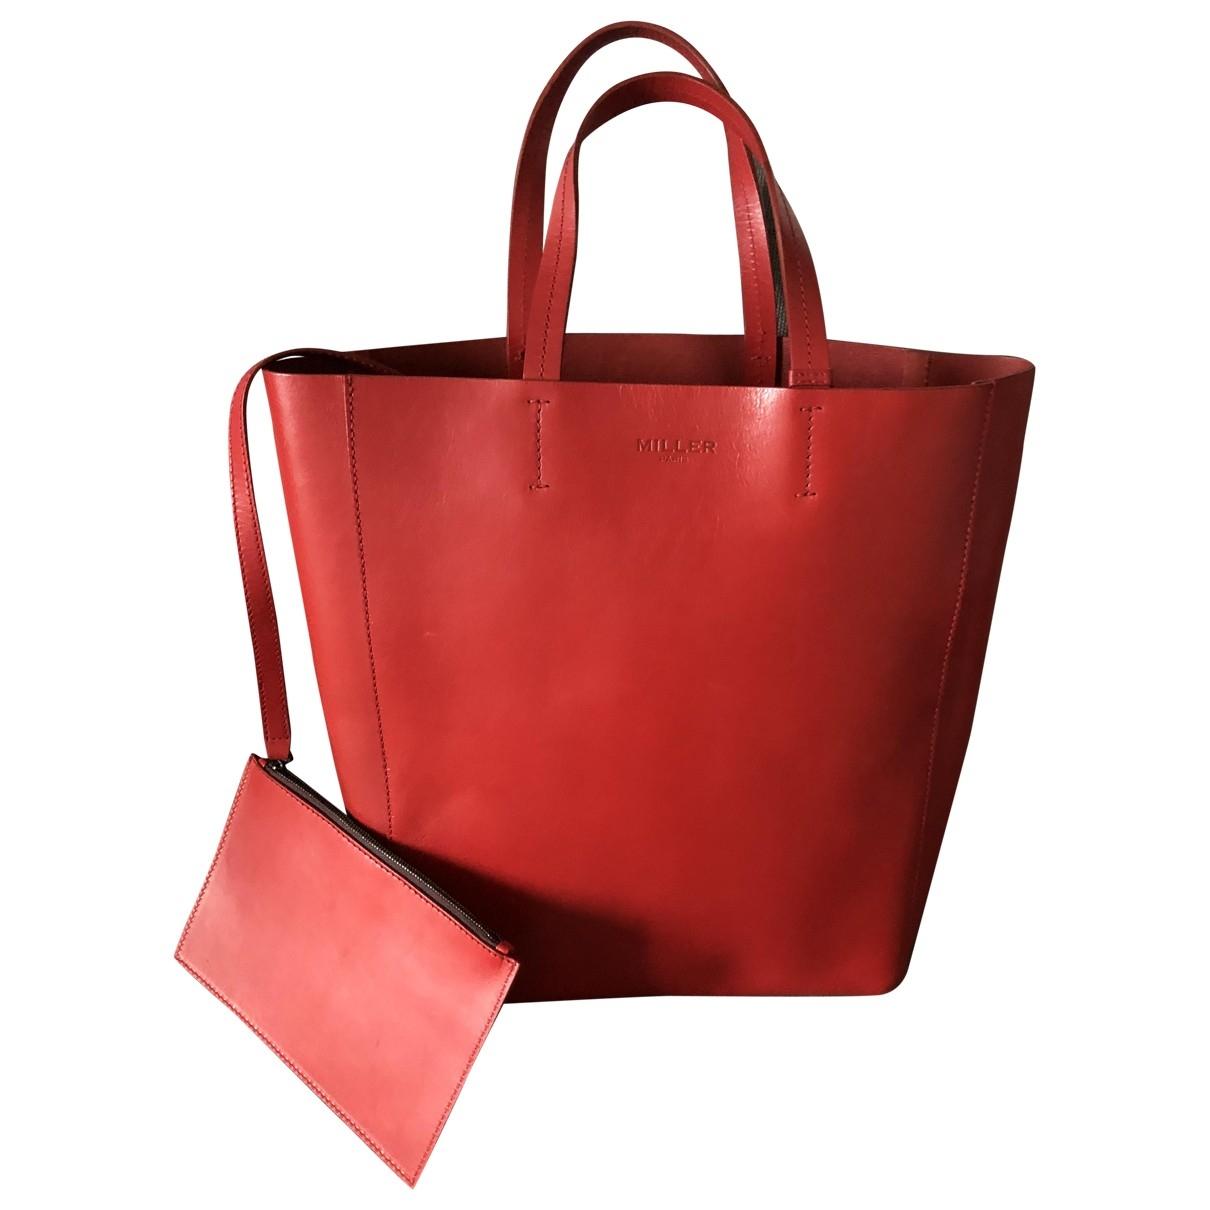 Miller \N Red Leather handbag for Women \N